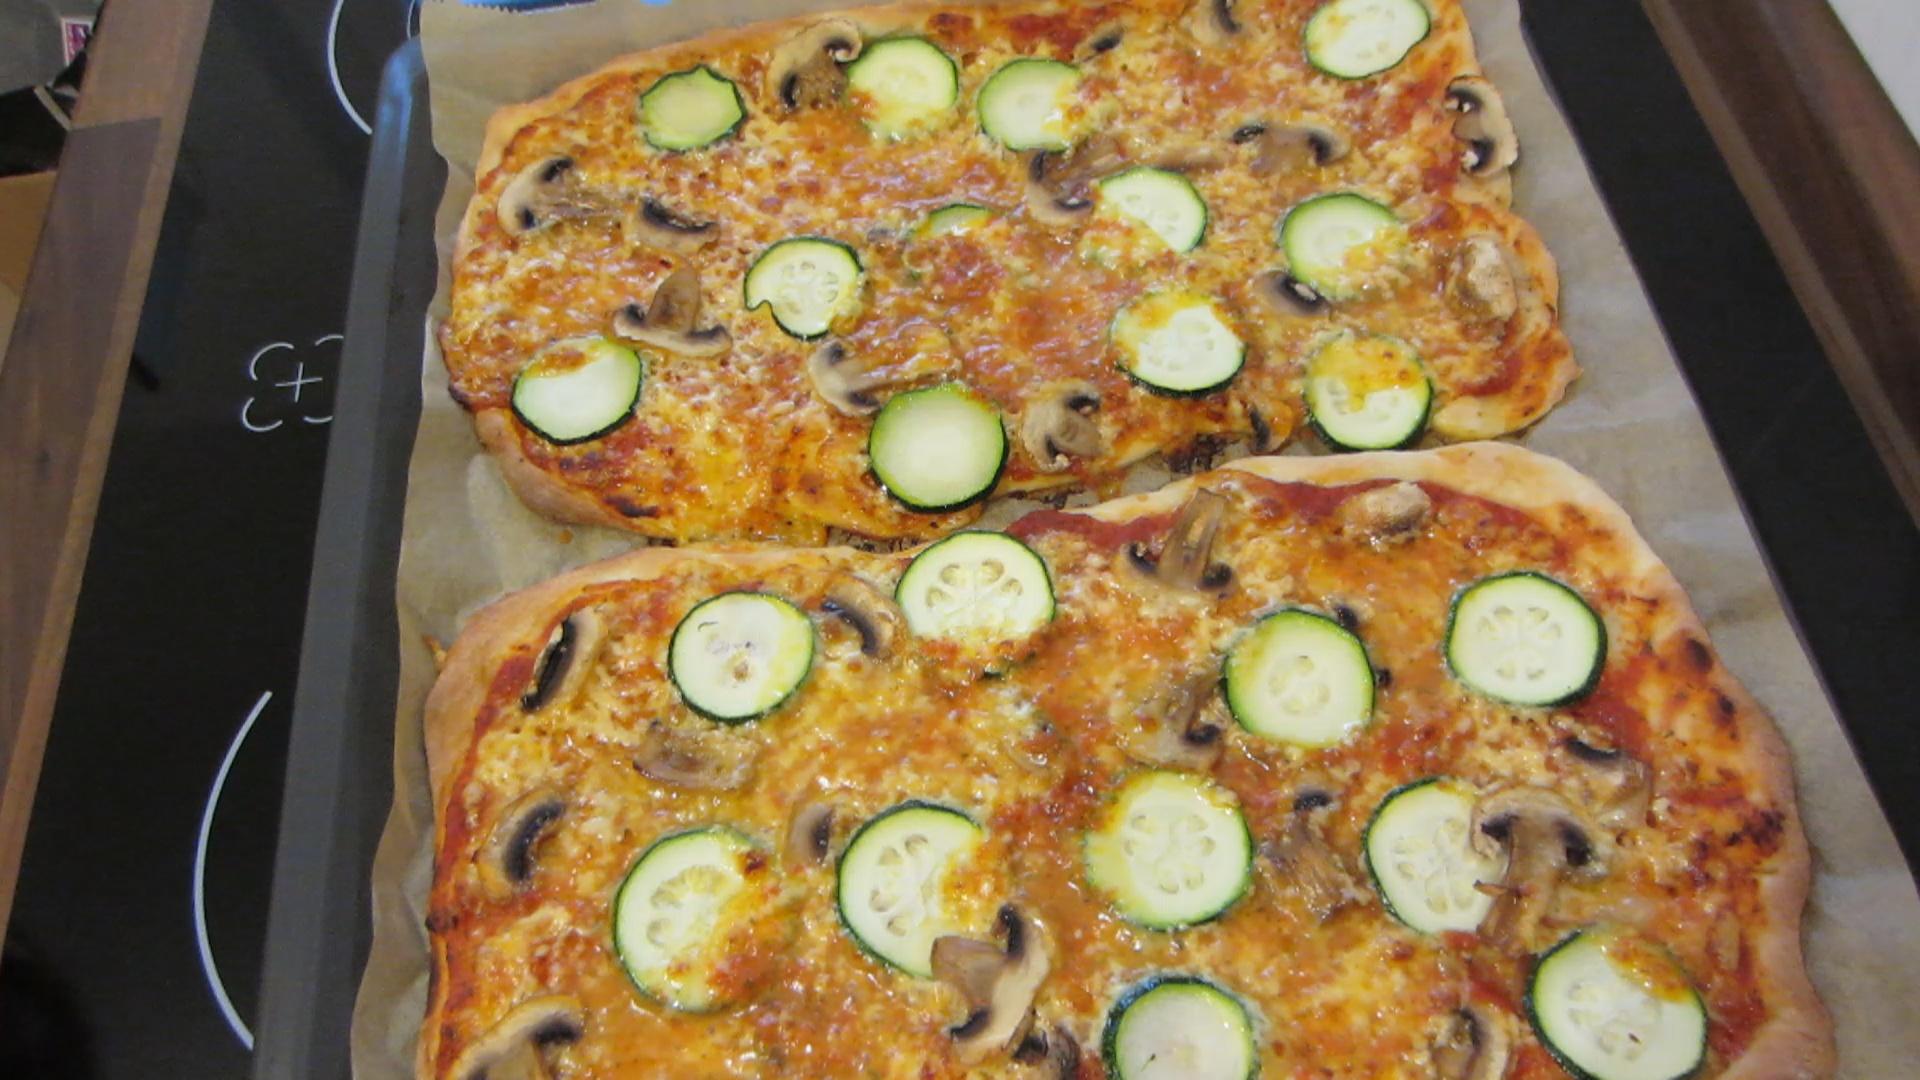 2014-05-02-Homemade-Pizza-taste-like-in-an-Italian-restaurant-28.jpg